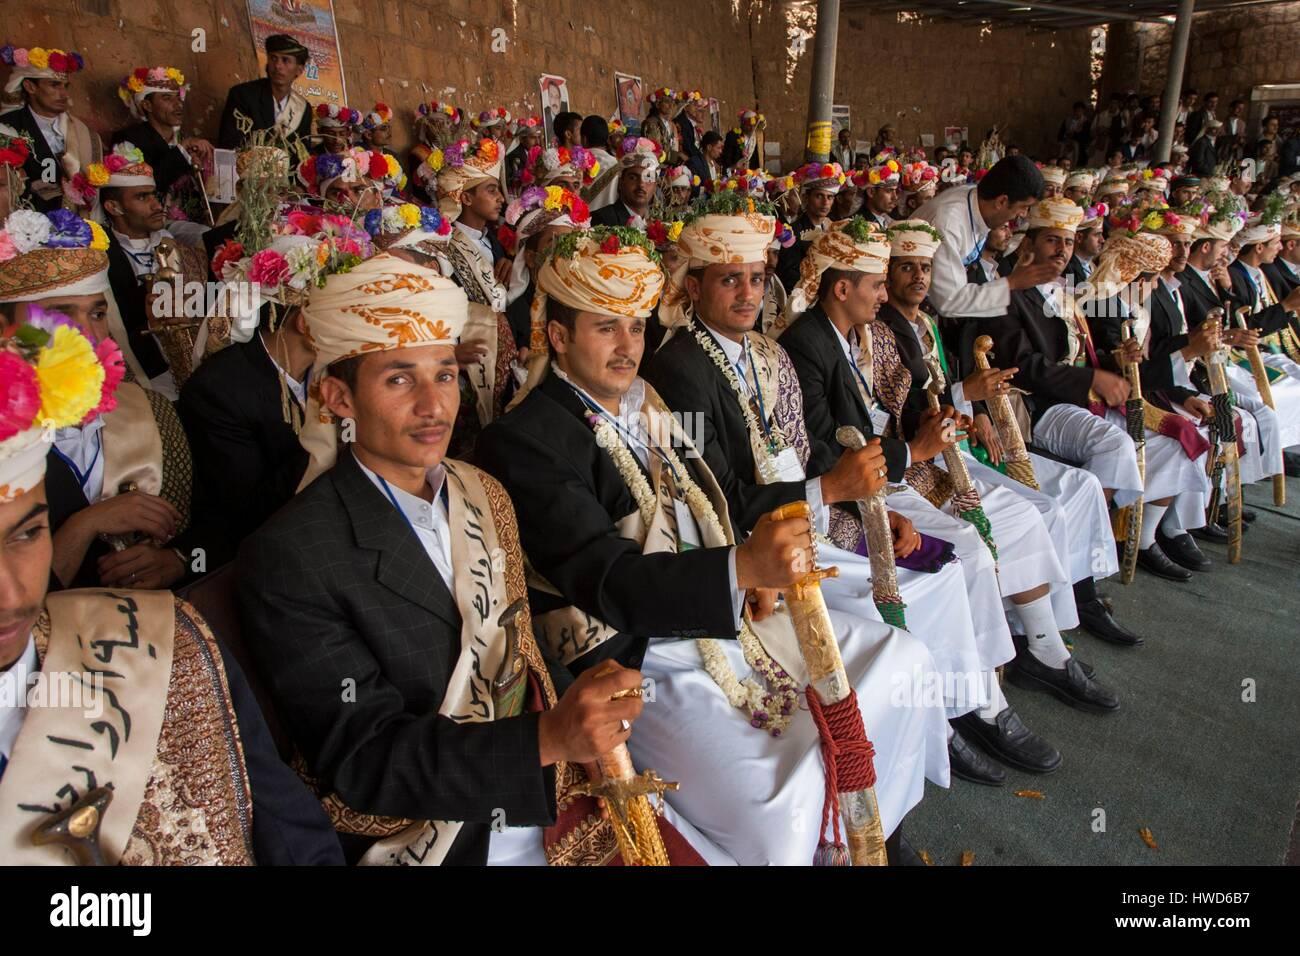 Yemen, Highlands, collective wedding Stock Photo - Alamy